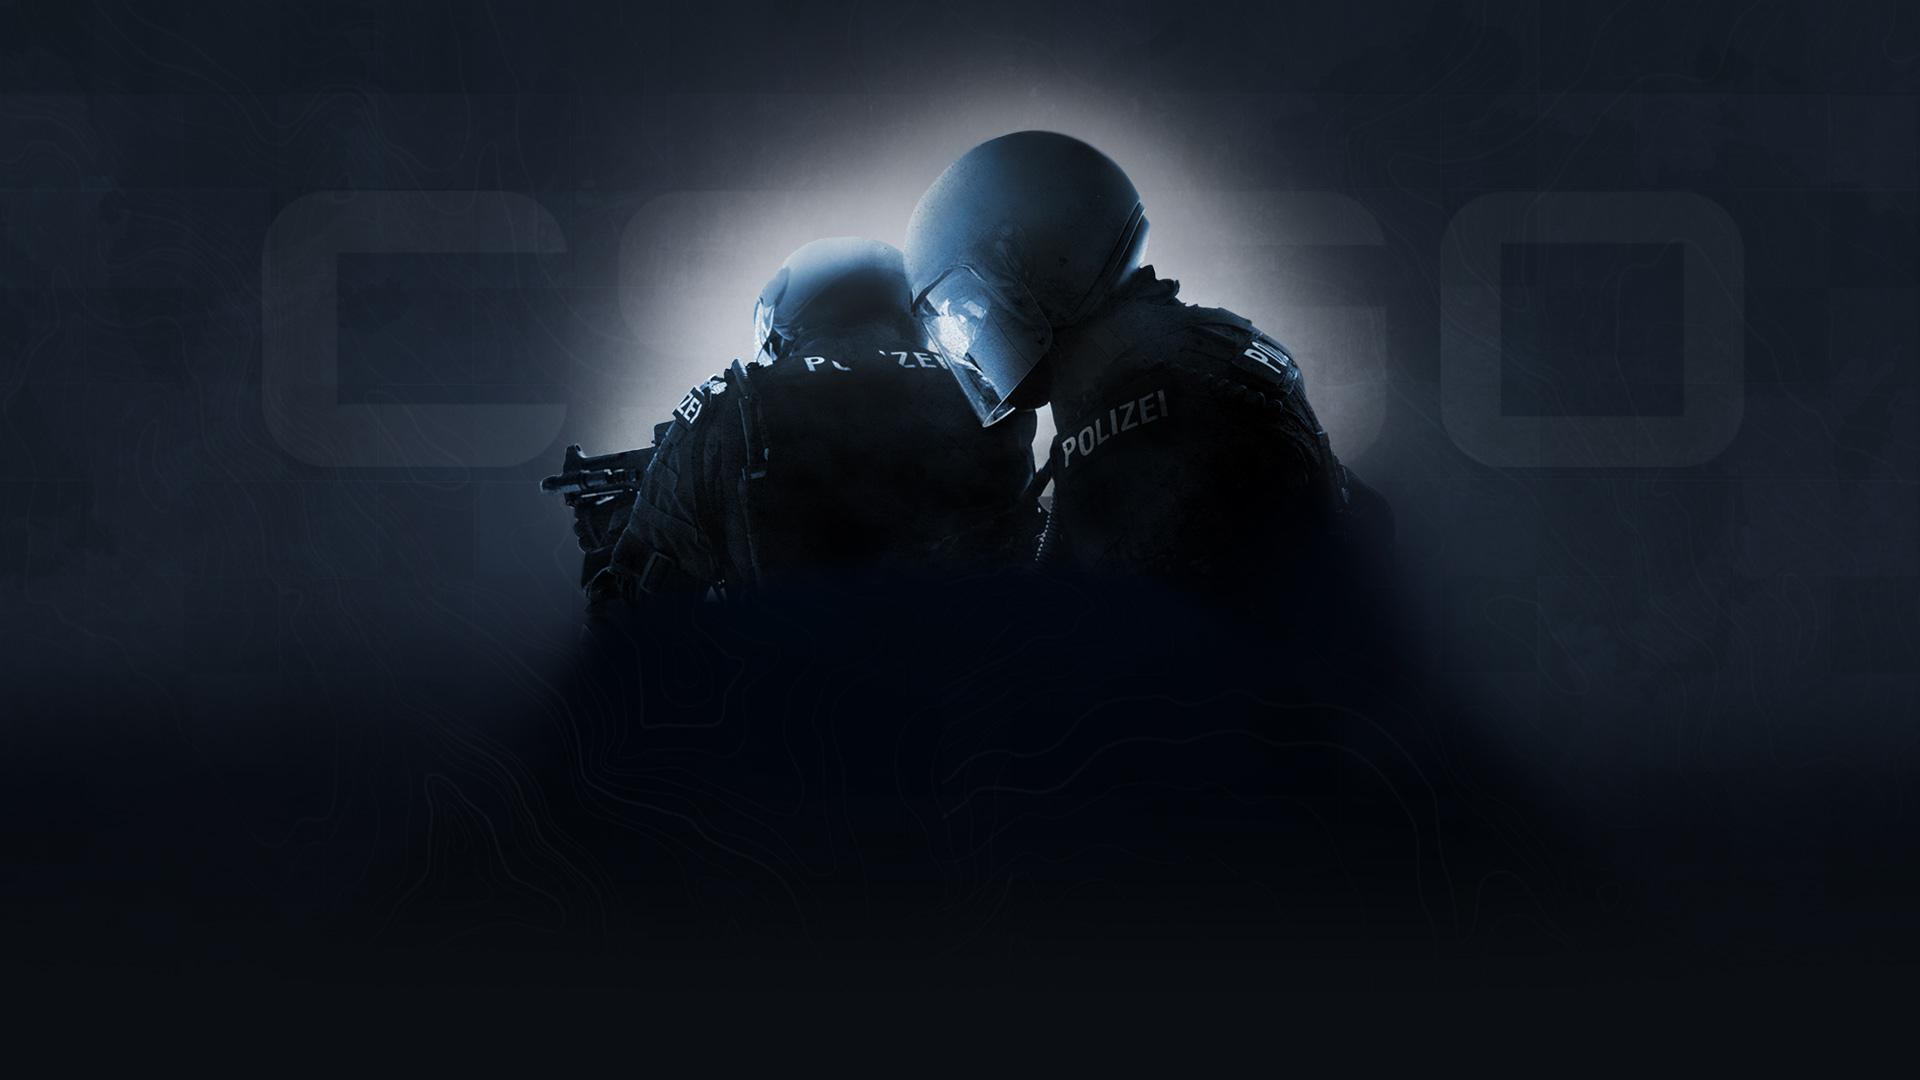 《CS:GO》将限制免费玩家参与竞技模式游戏